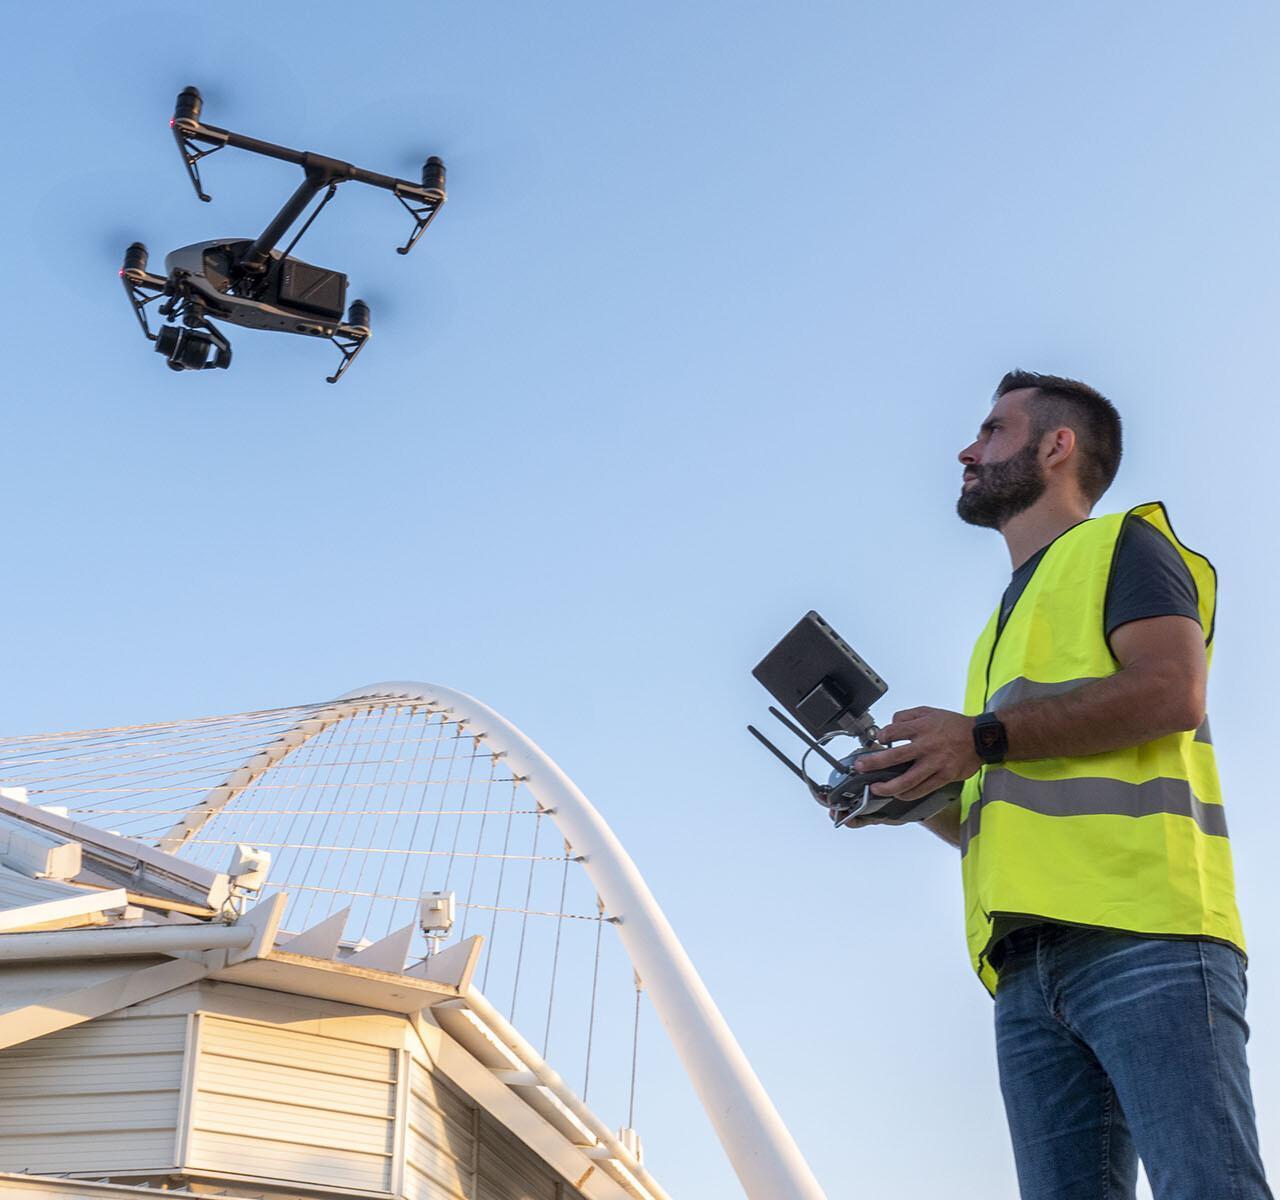 enoikiasi-drone